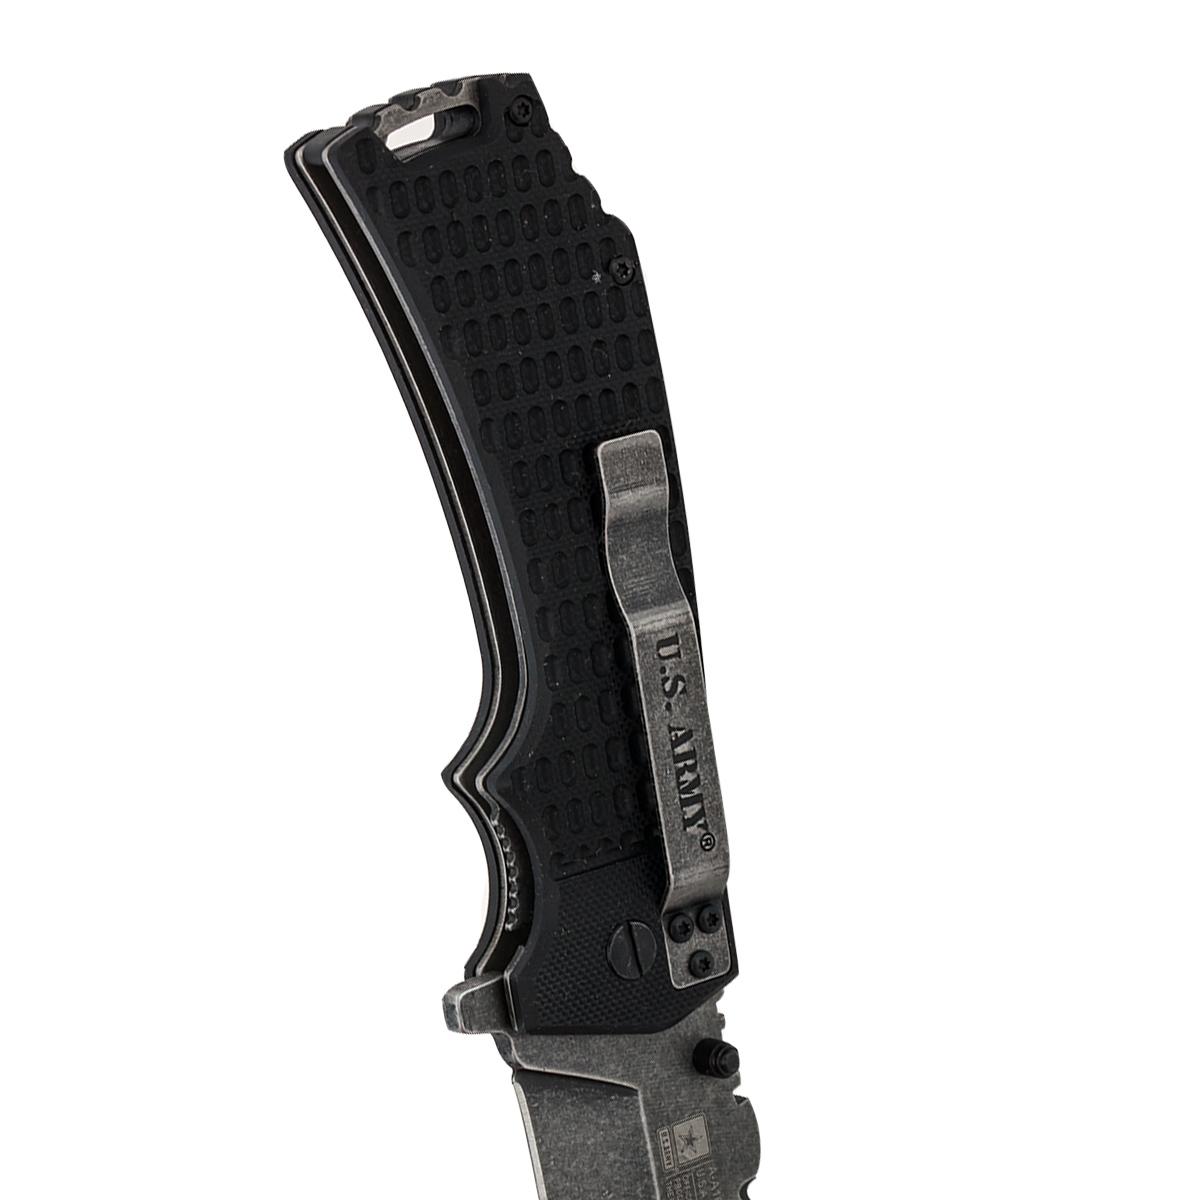 Складной тактический нож US Army A-A1021BP Liner Lock Black - заказать оптом